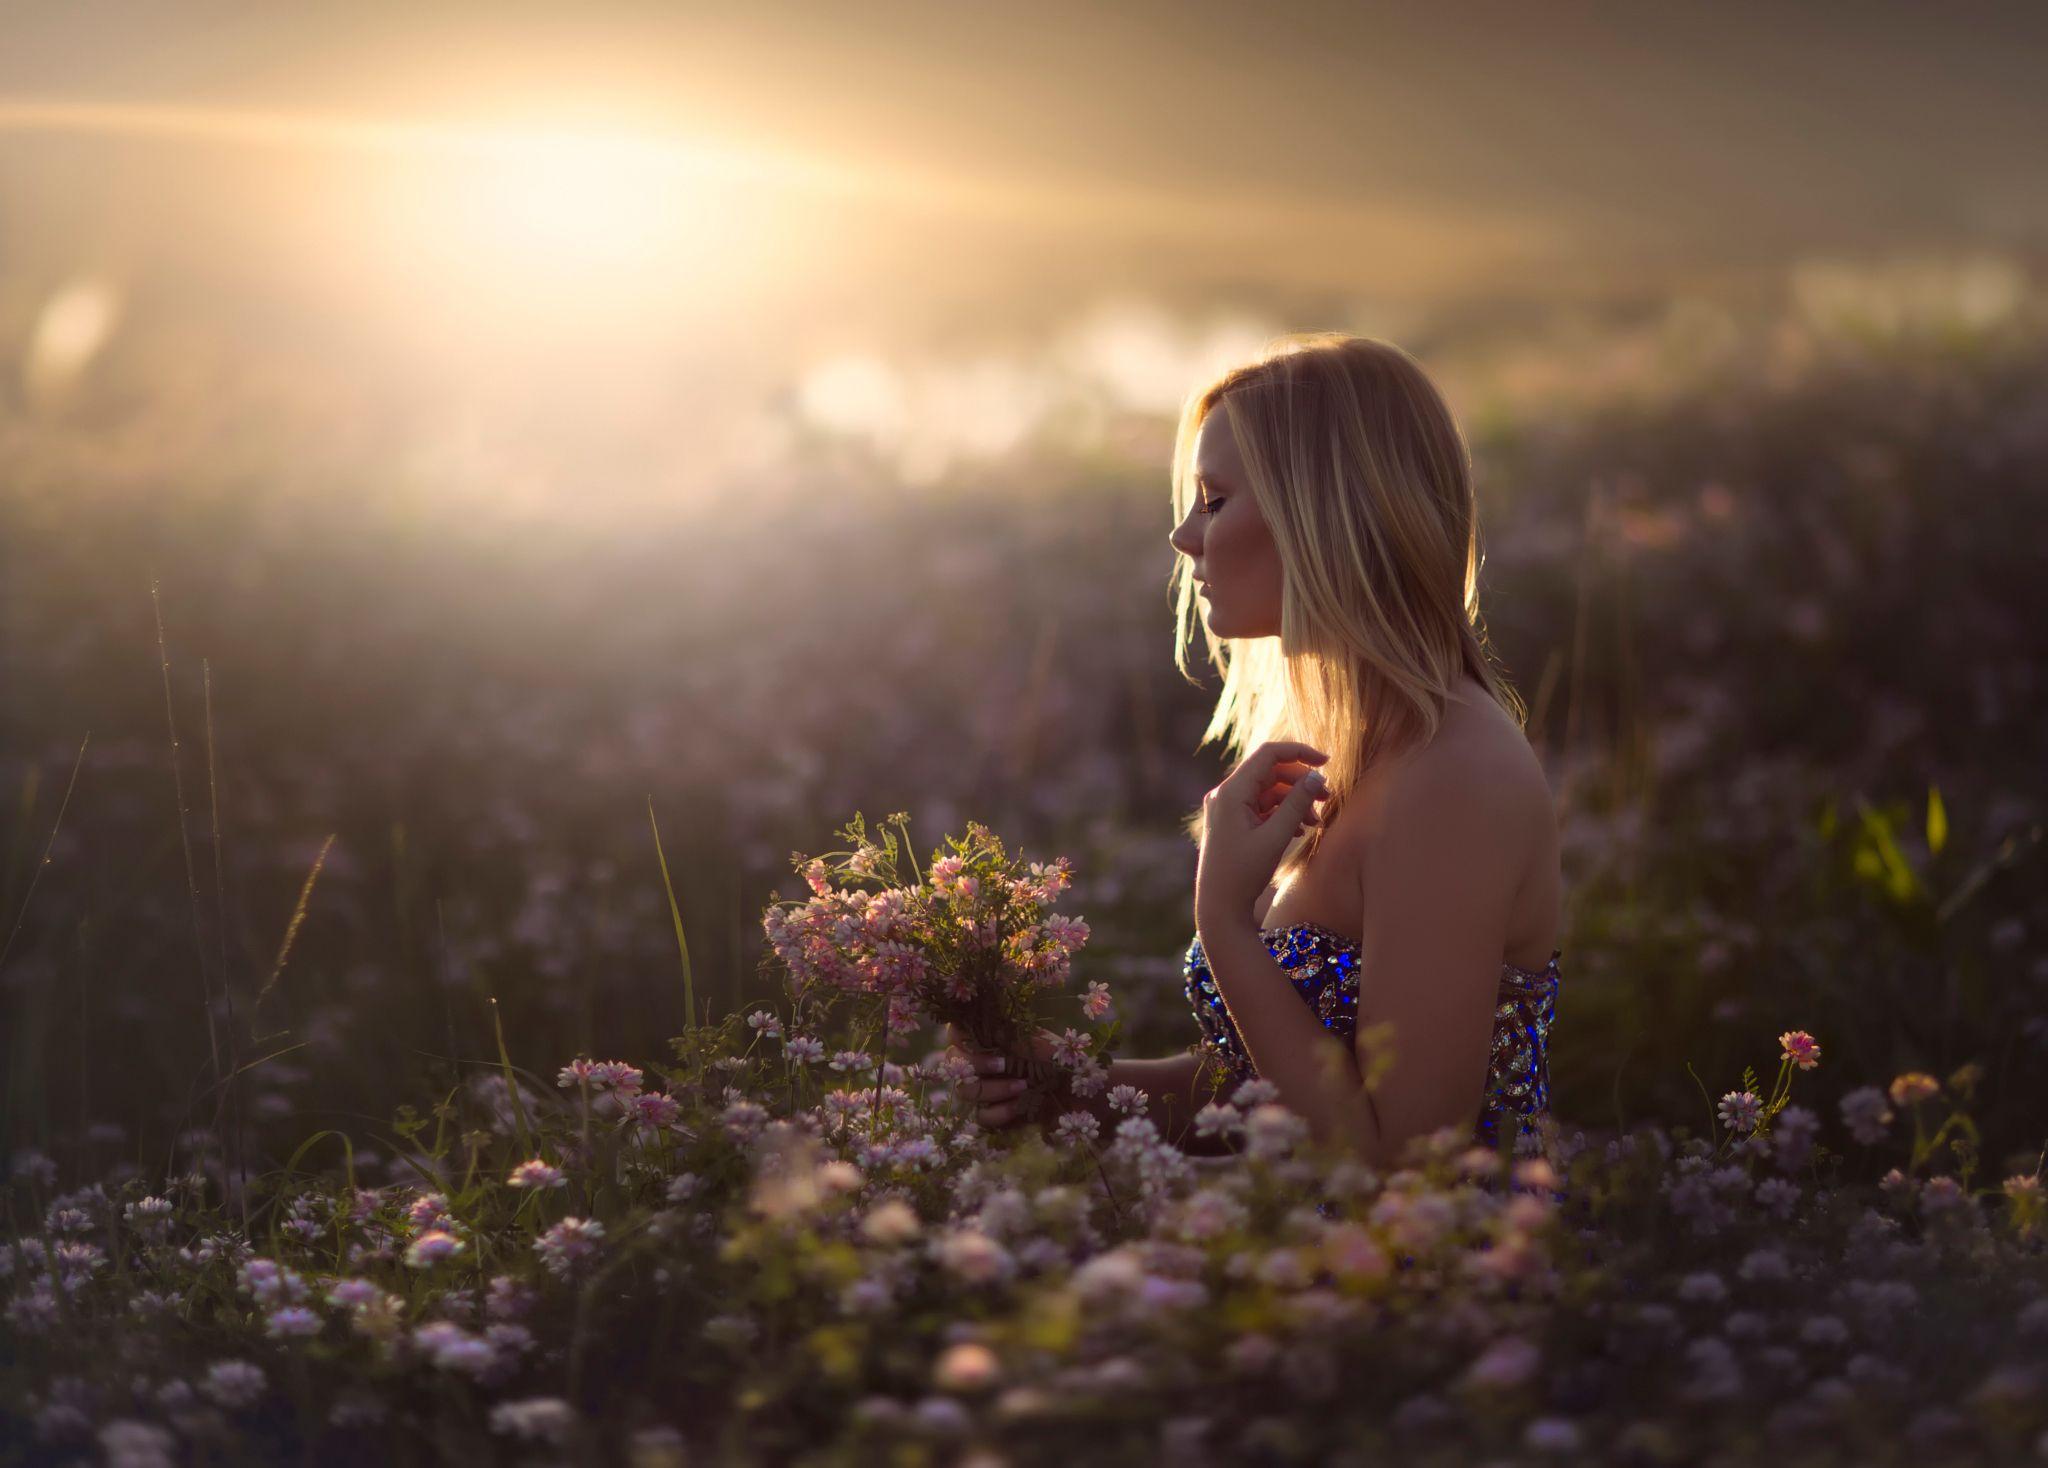 Девушка вечер цветы картинки